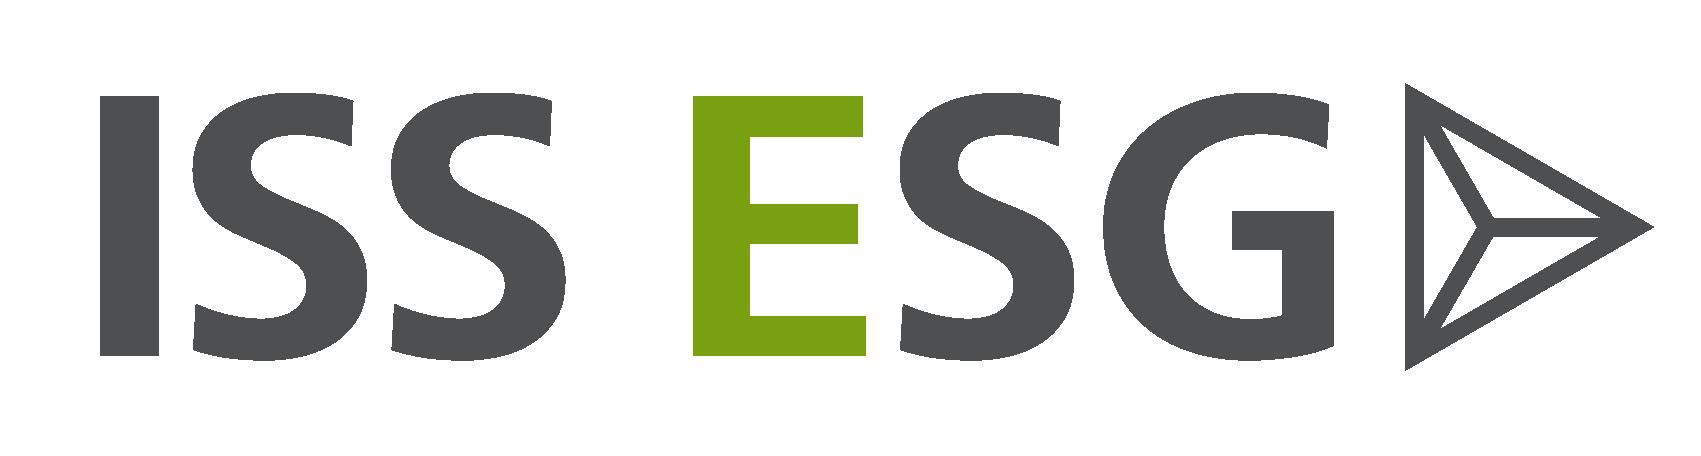 ISS_ESG_Logo_(10)_(1).png